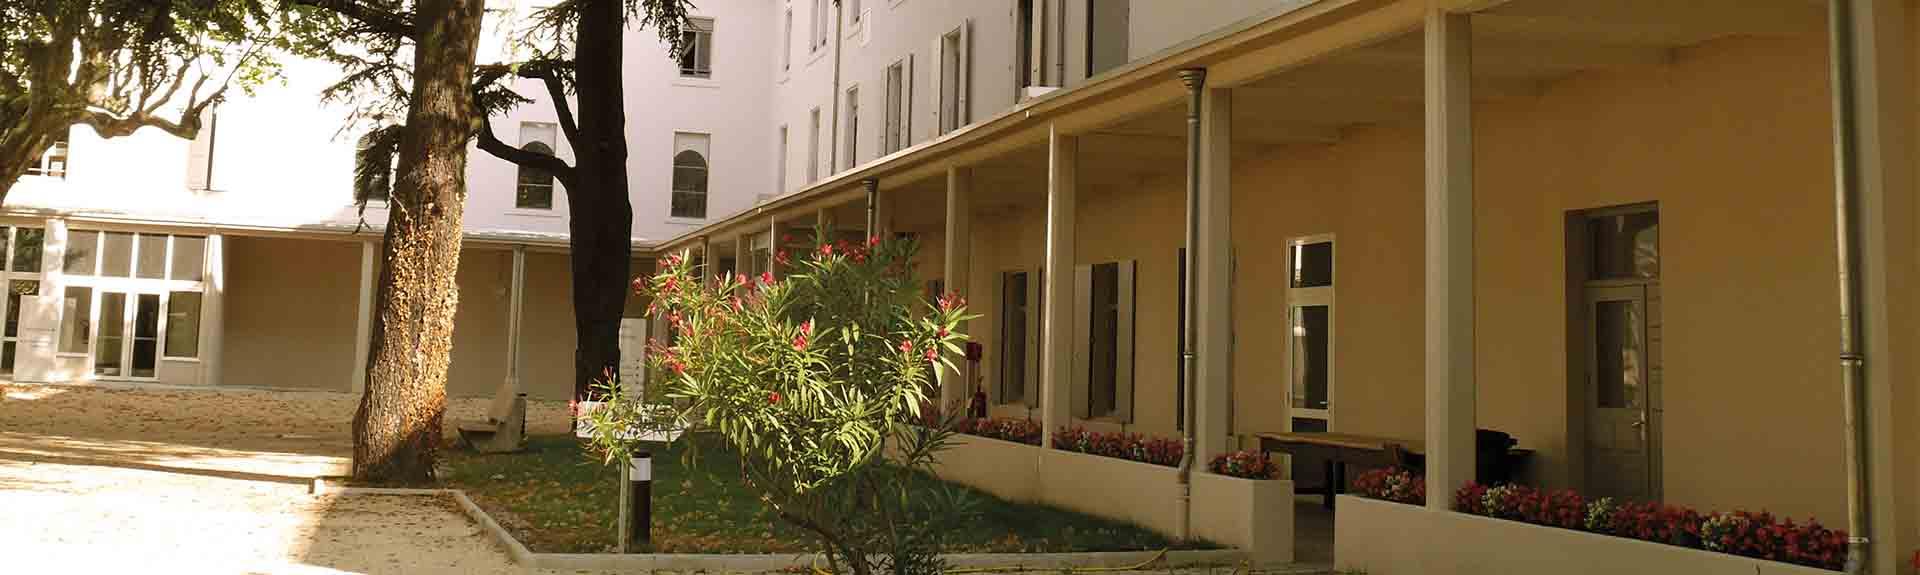 Maison diocésaine du Bon Pasteur - UNIVAL